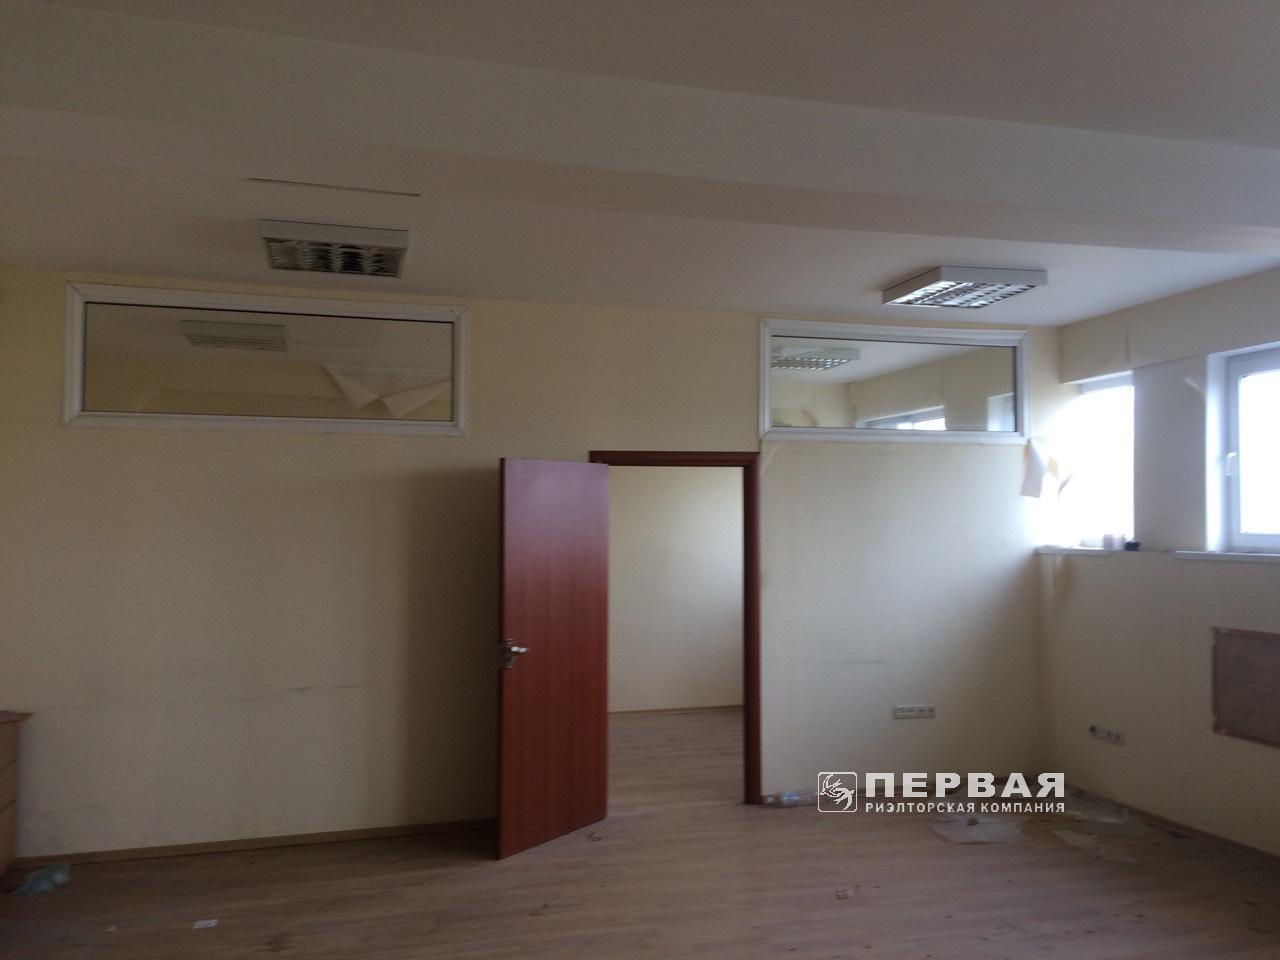 Производственное помещение 262кв.м. ул. Известковая.